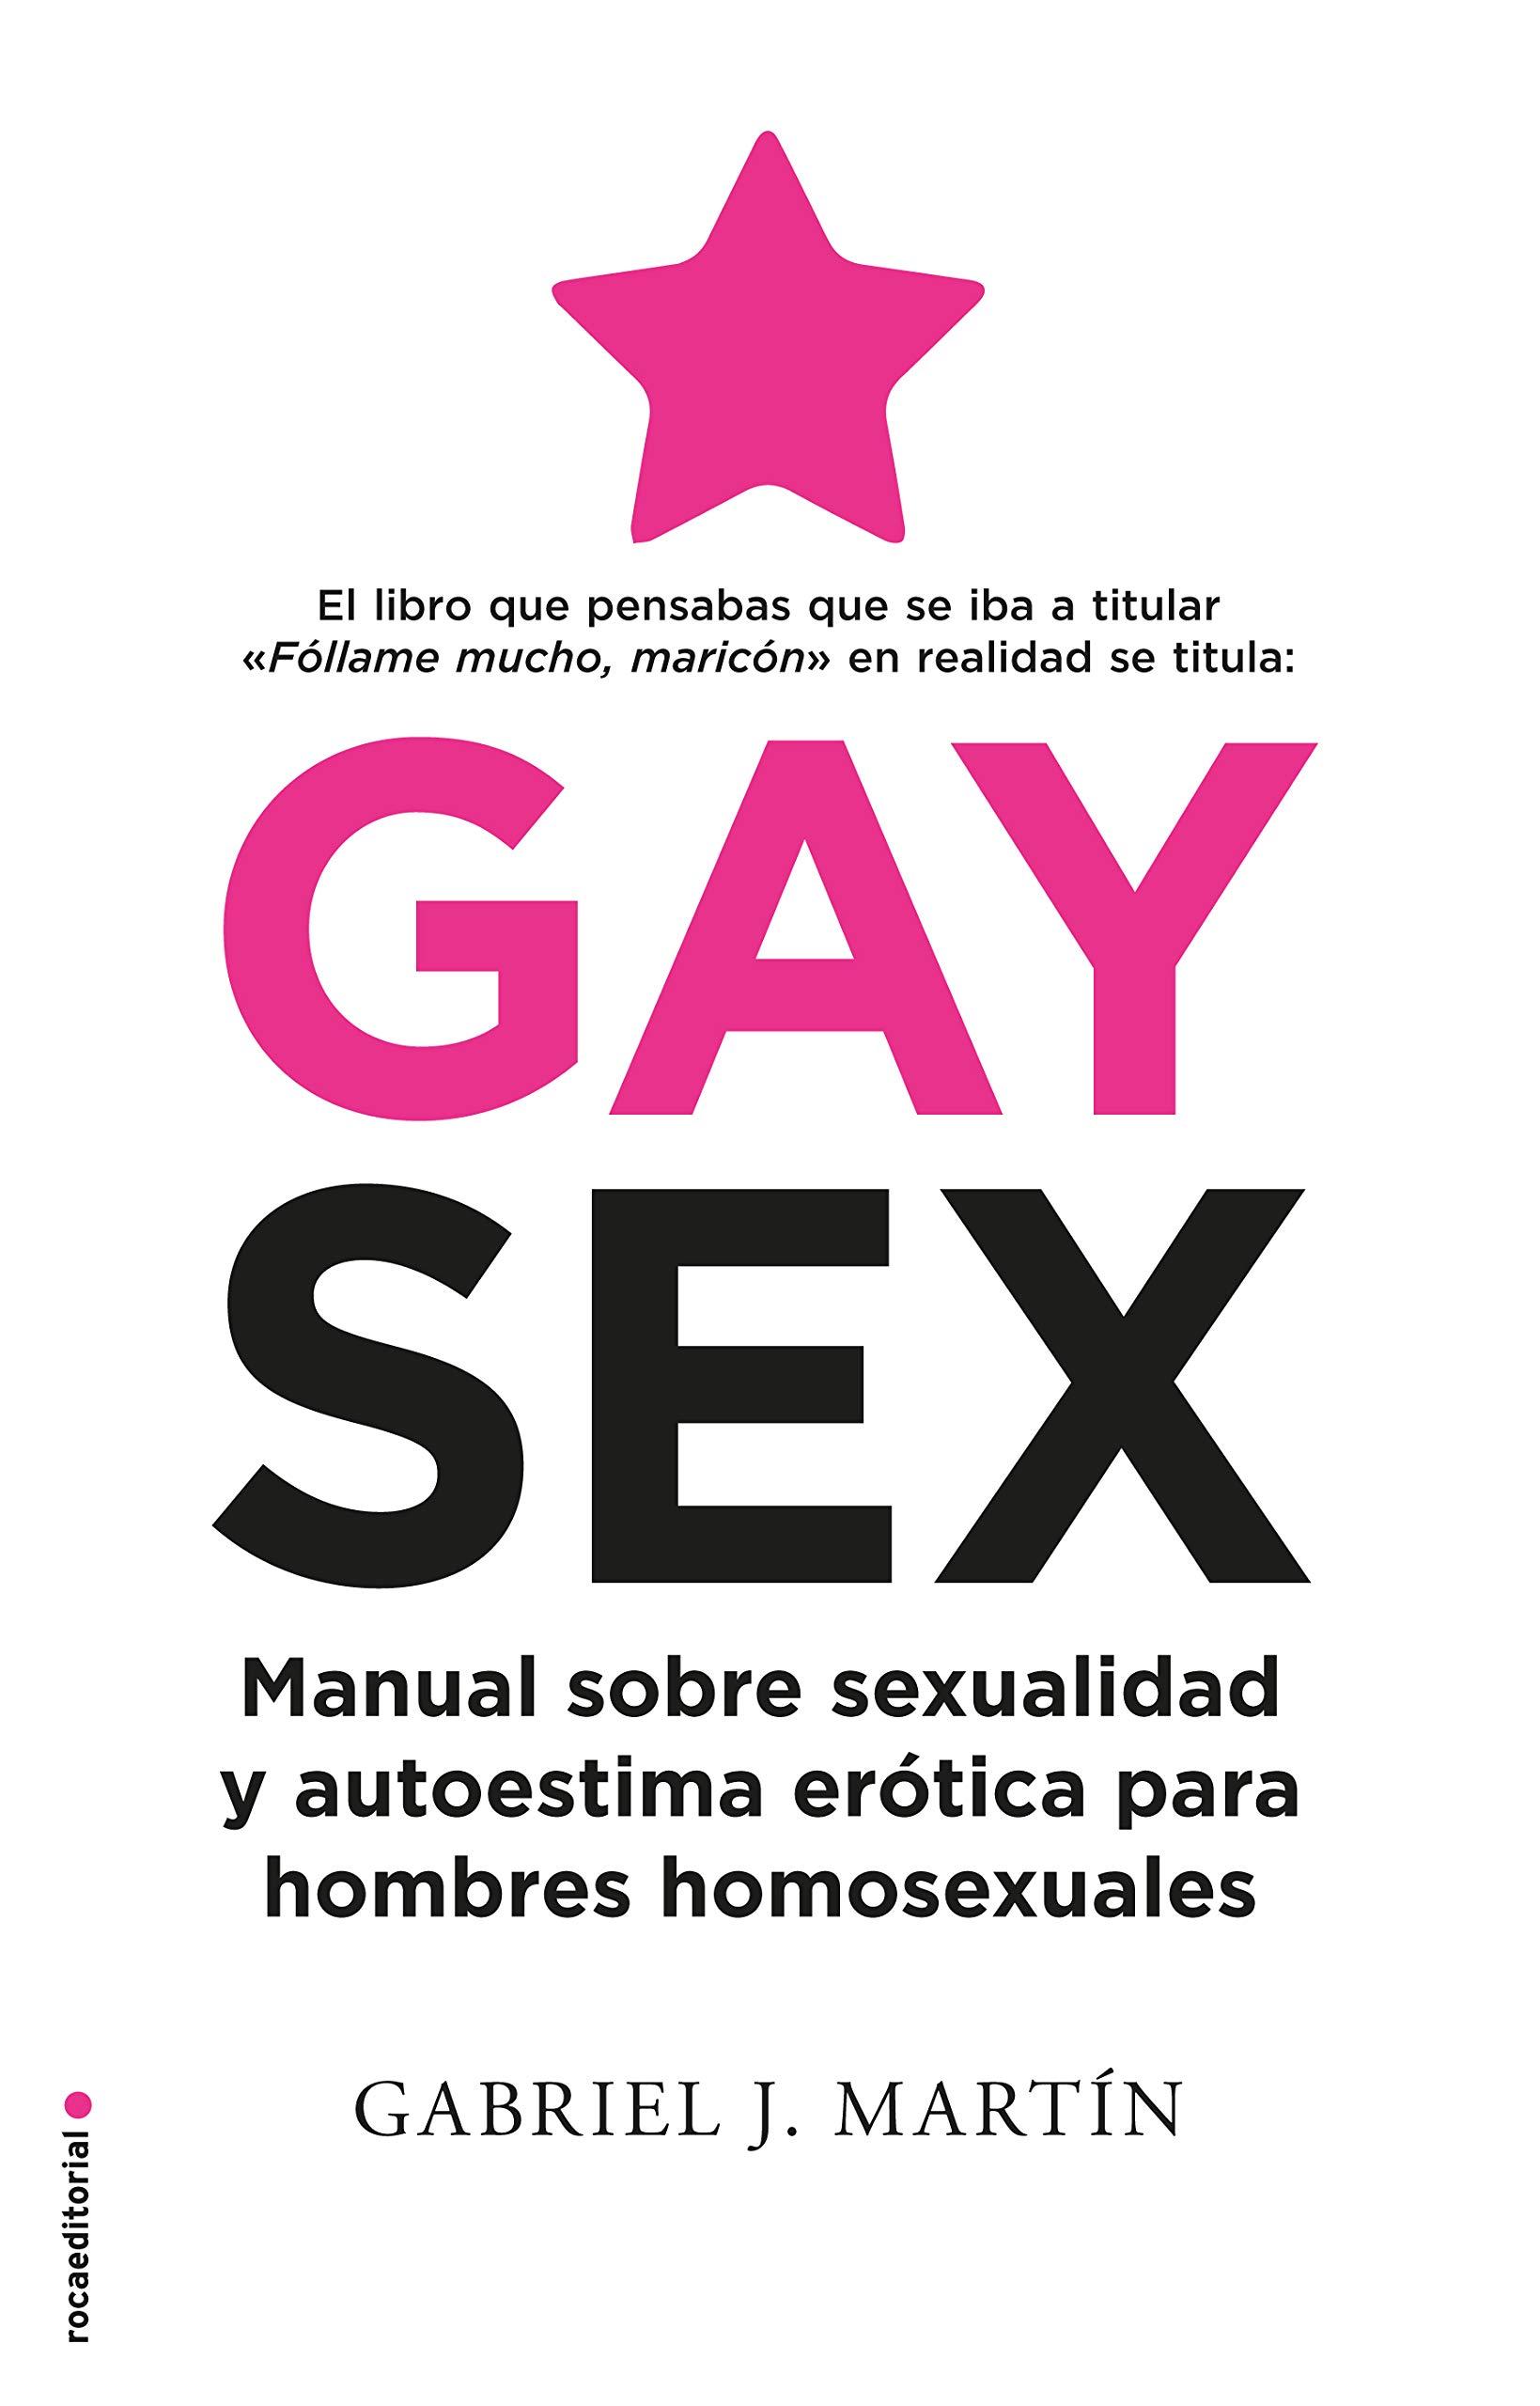 Gay Sex: Manual sobre sexualidad y autoestima erótica para hombres homosexuales (No Ficción)